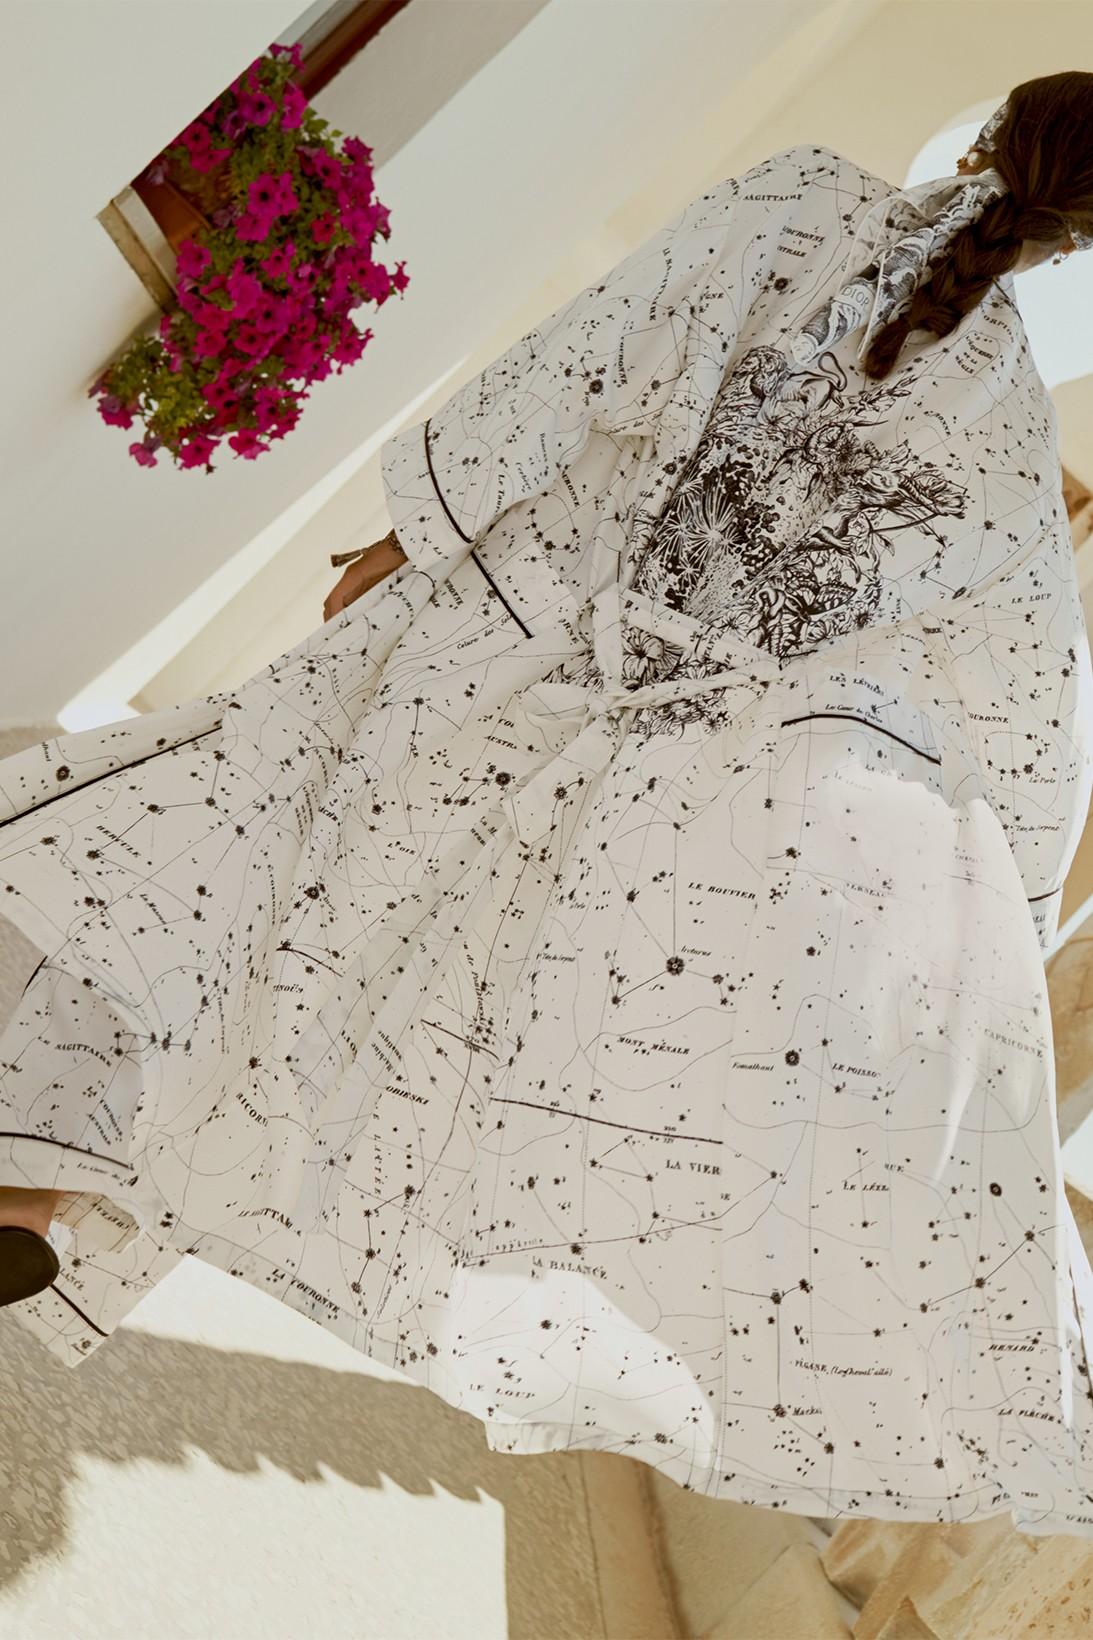 Dior сделал коллекцию домашней одежды вместе с художником Пьетро Руффо (фото 6)